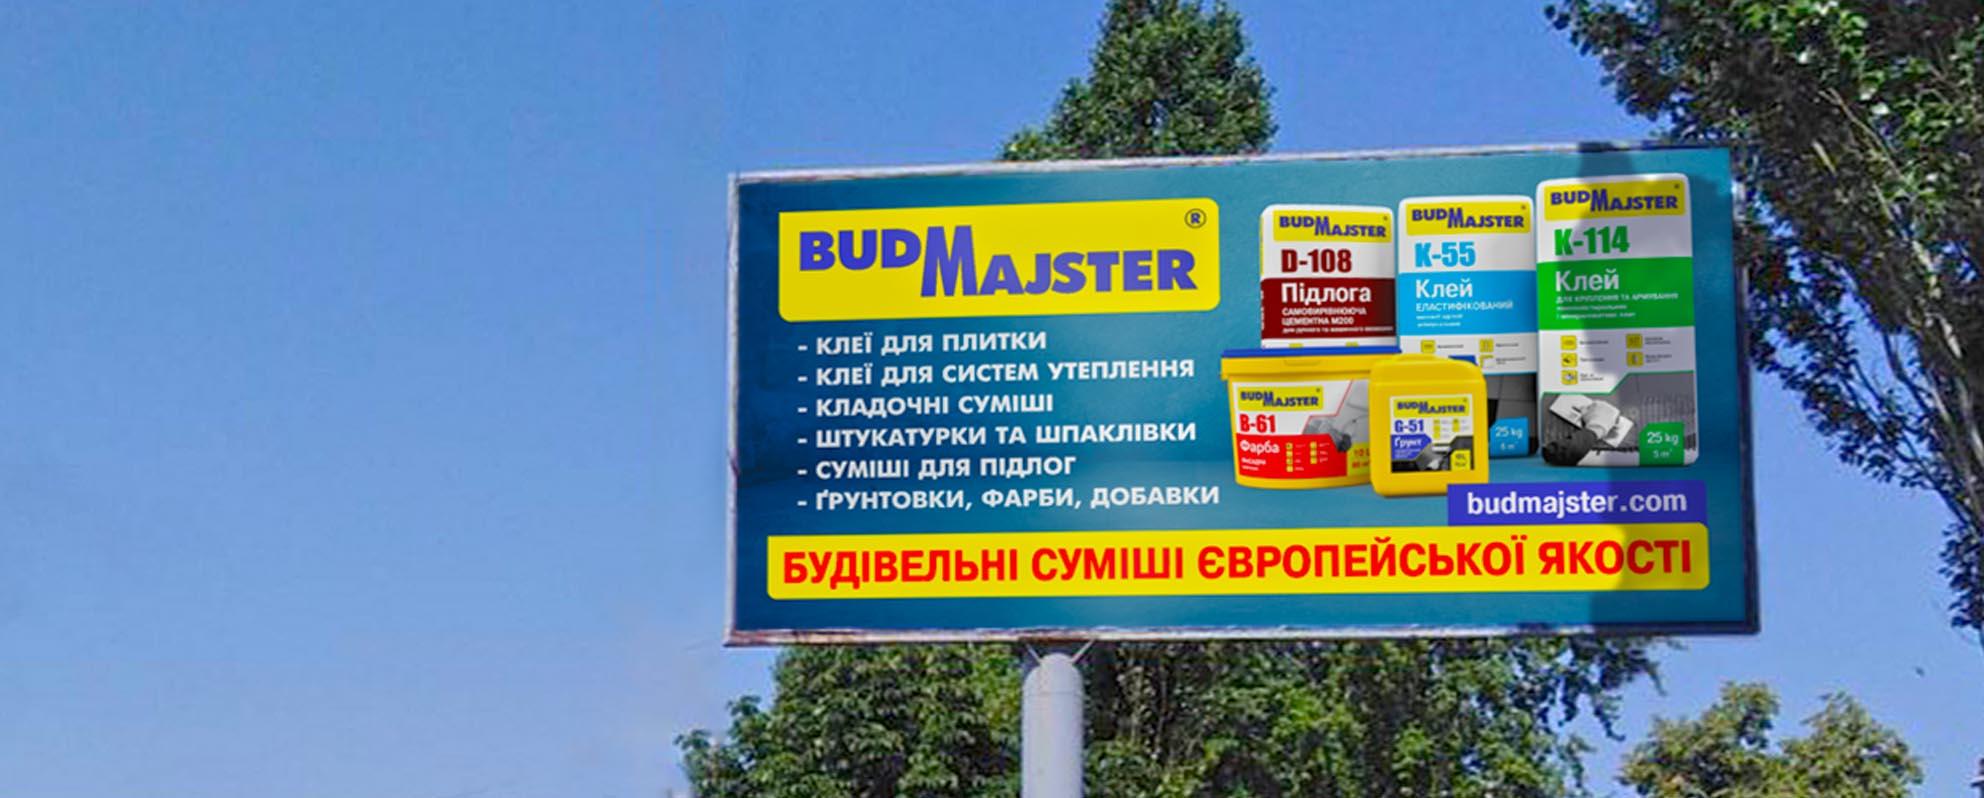 Реклама компанії Будмайстер на білбордах